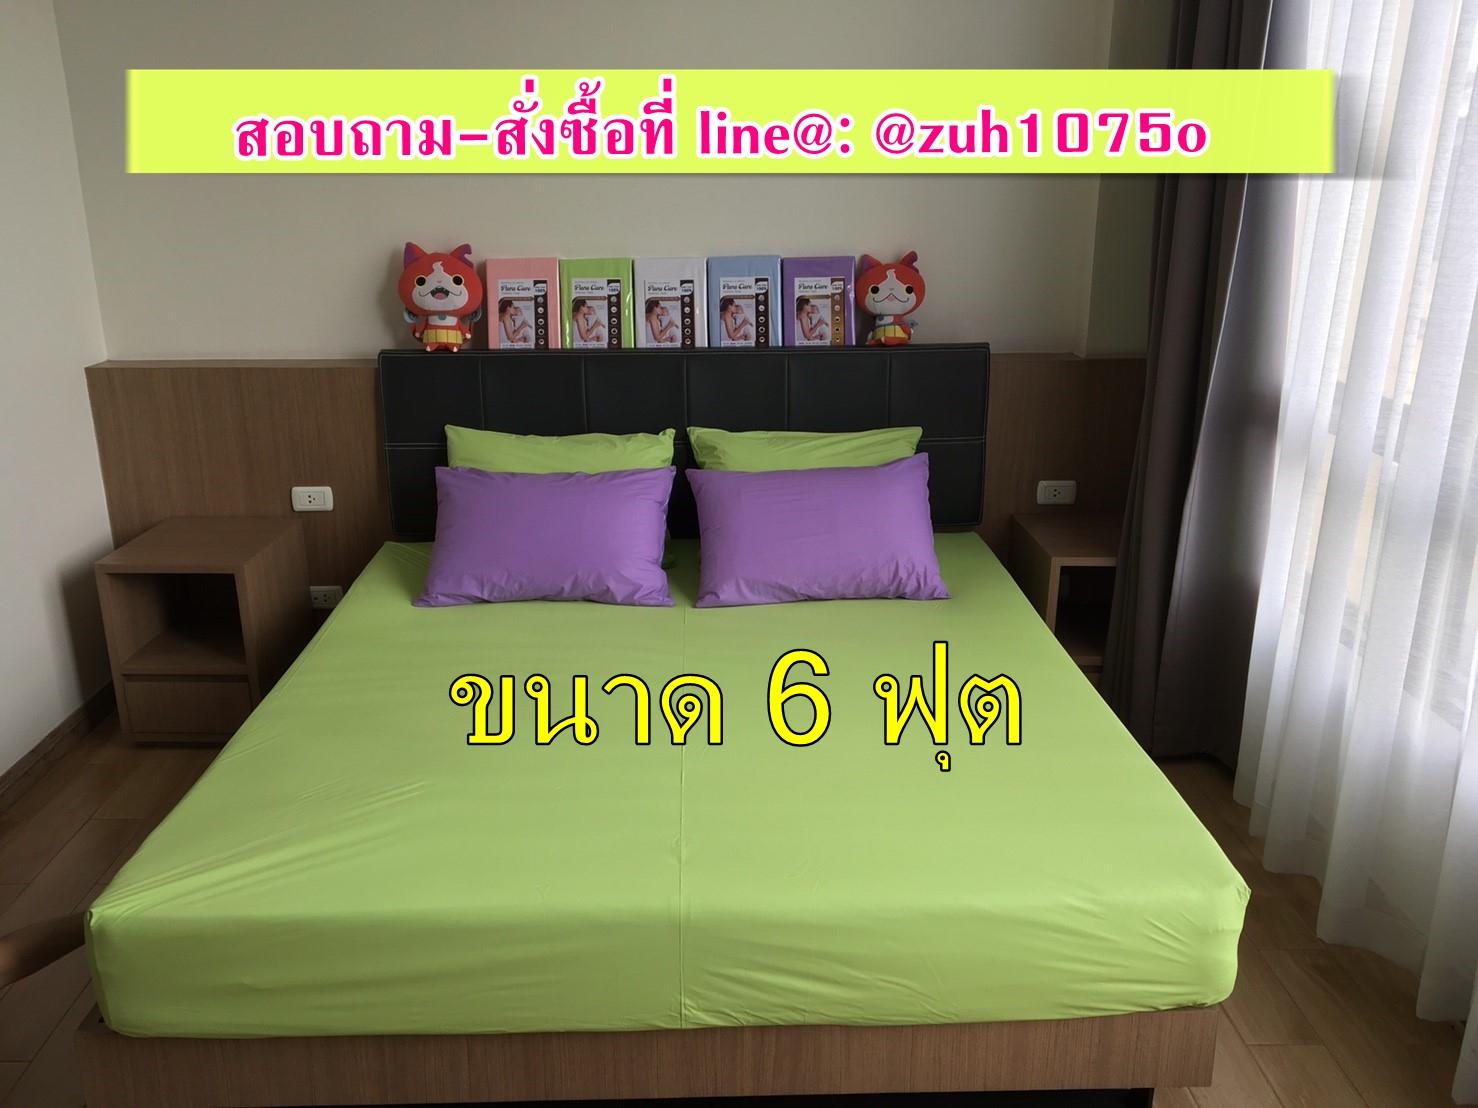 สีเขียว 6ฟุต ผ้าคลุมเตียง ผ้าปูเตียง ผ้าปูที่นอนกันน้ำ กันฉี่ กันไรฝุ่น กันเปื้อน 390บาท